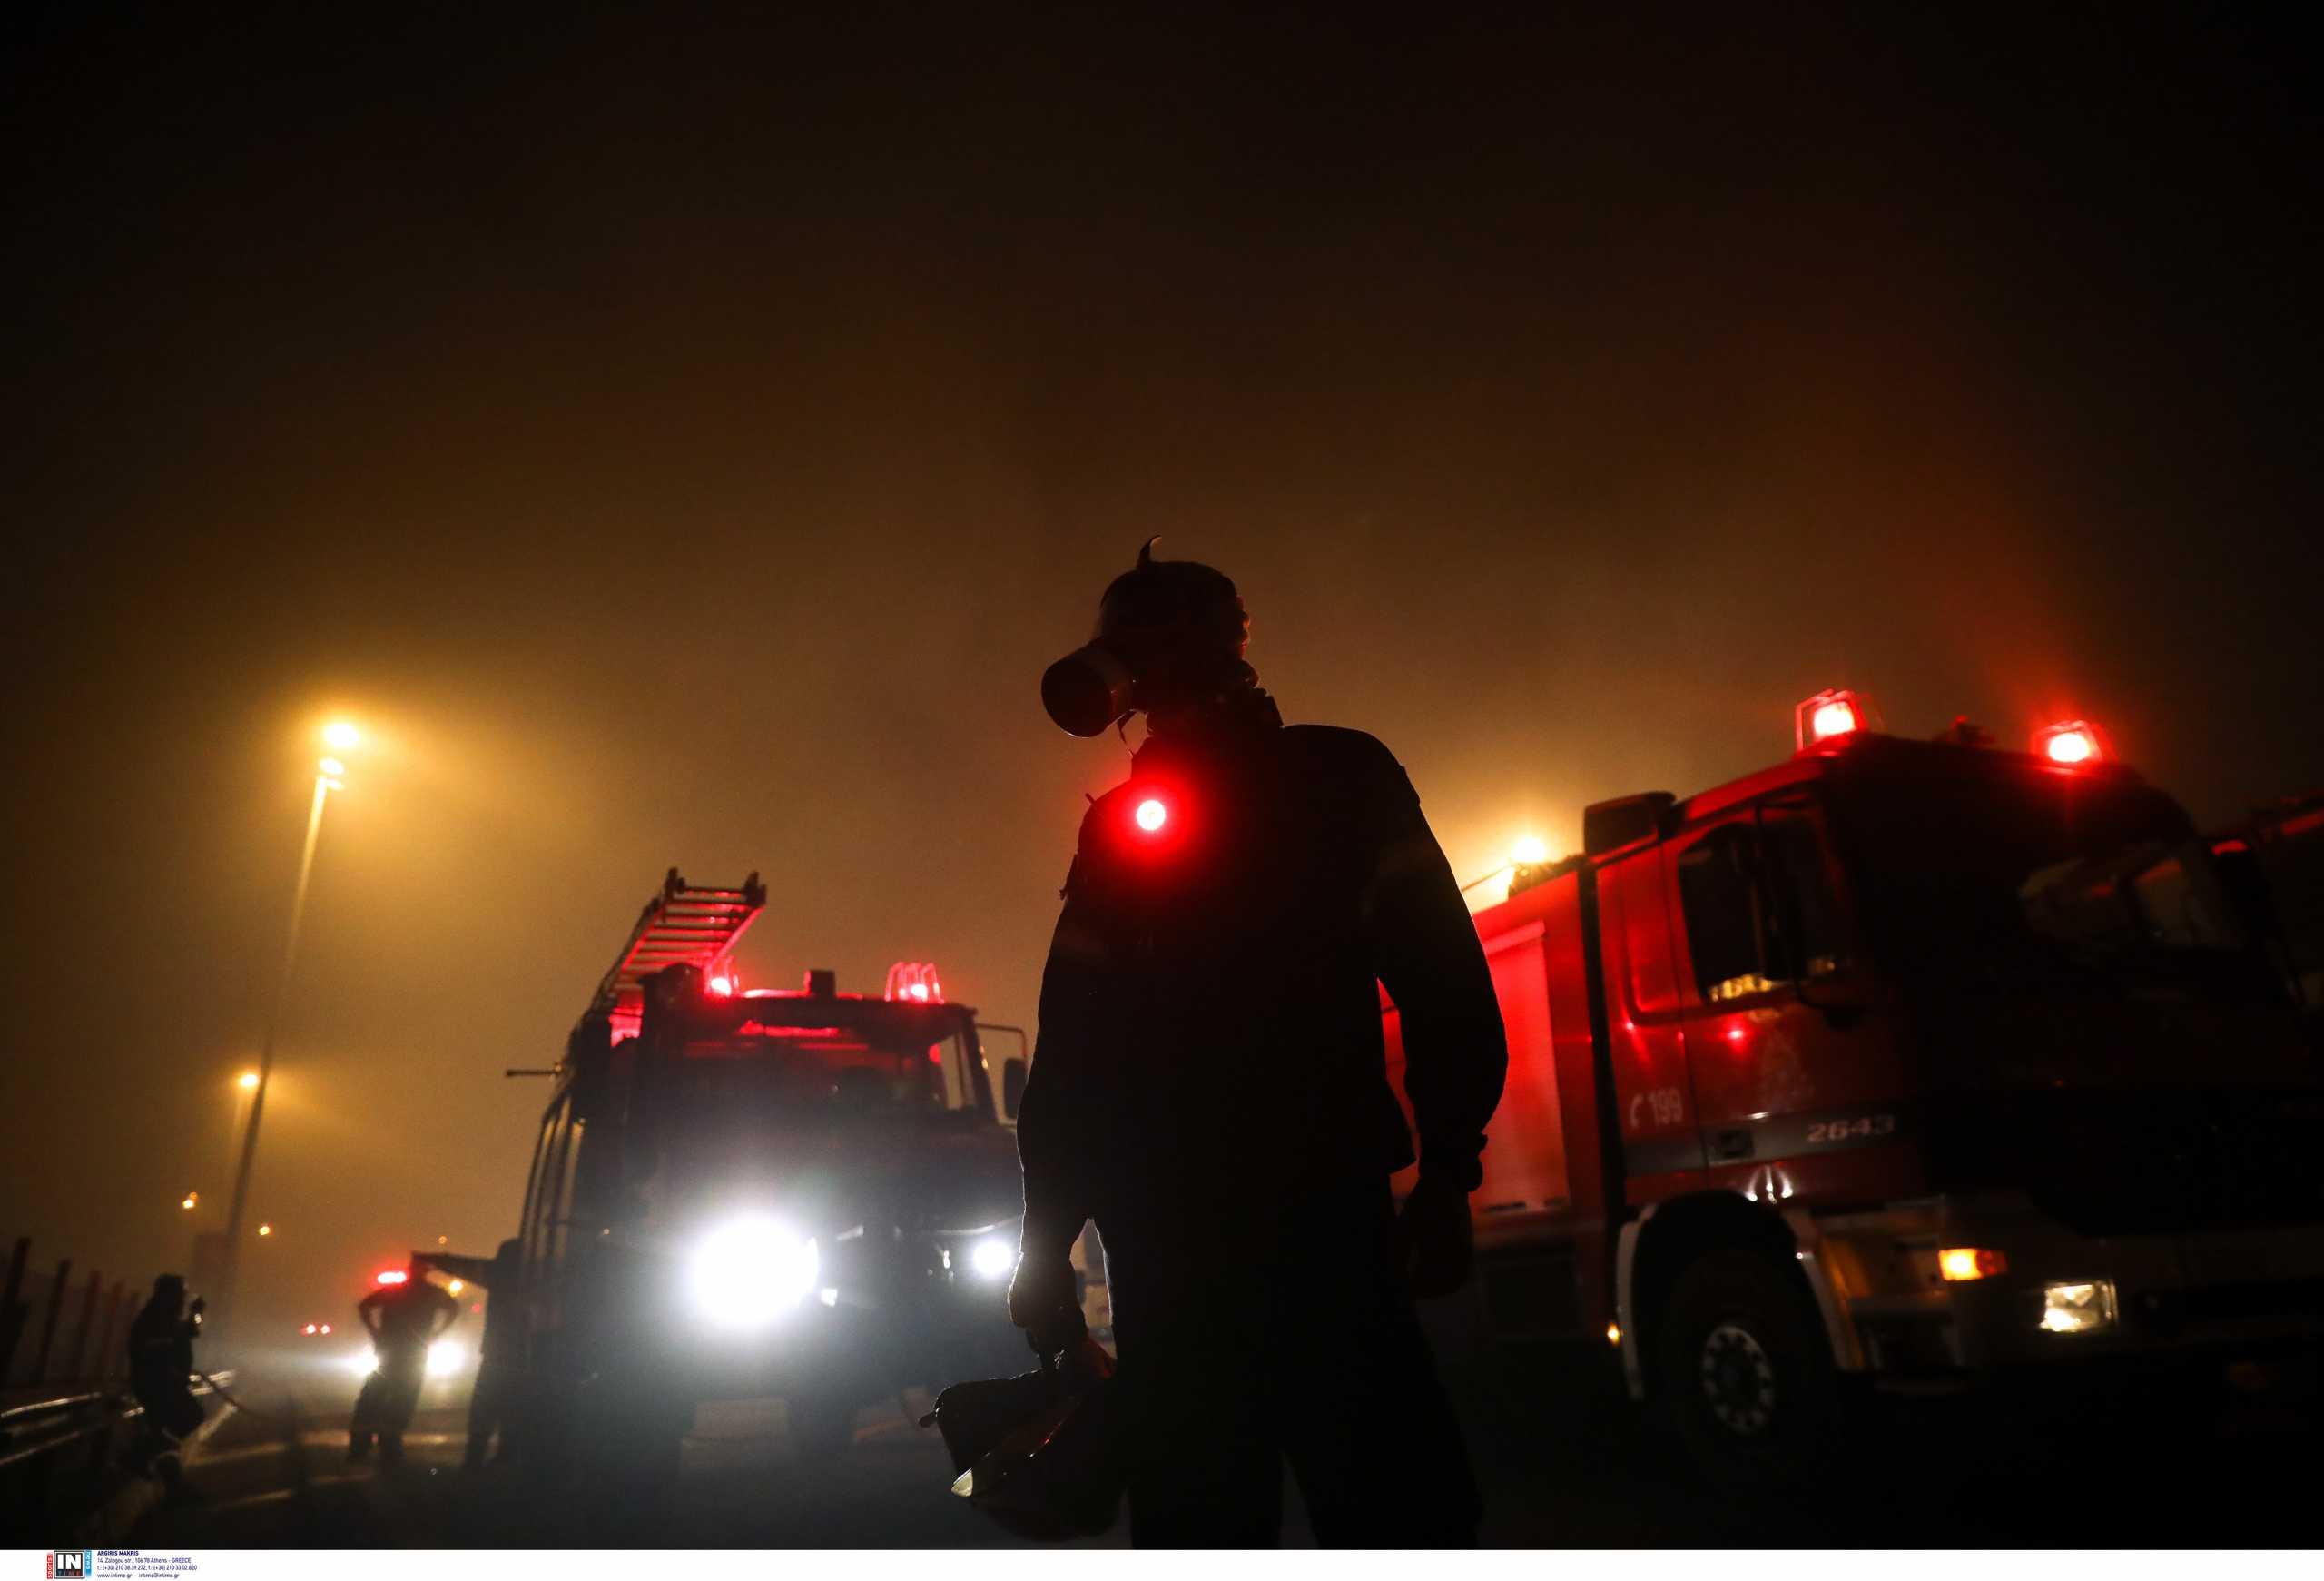 Διασωληνώθηκαν δύο εθελοντές πυροσβέστες από τη μεγάλη φωτιά της Αττικής